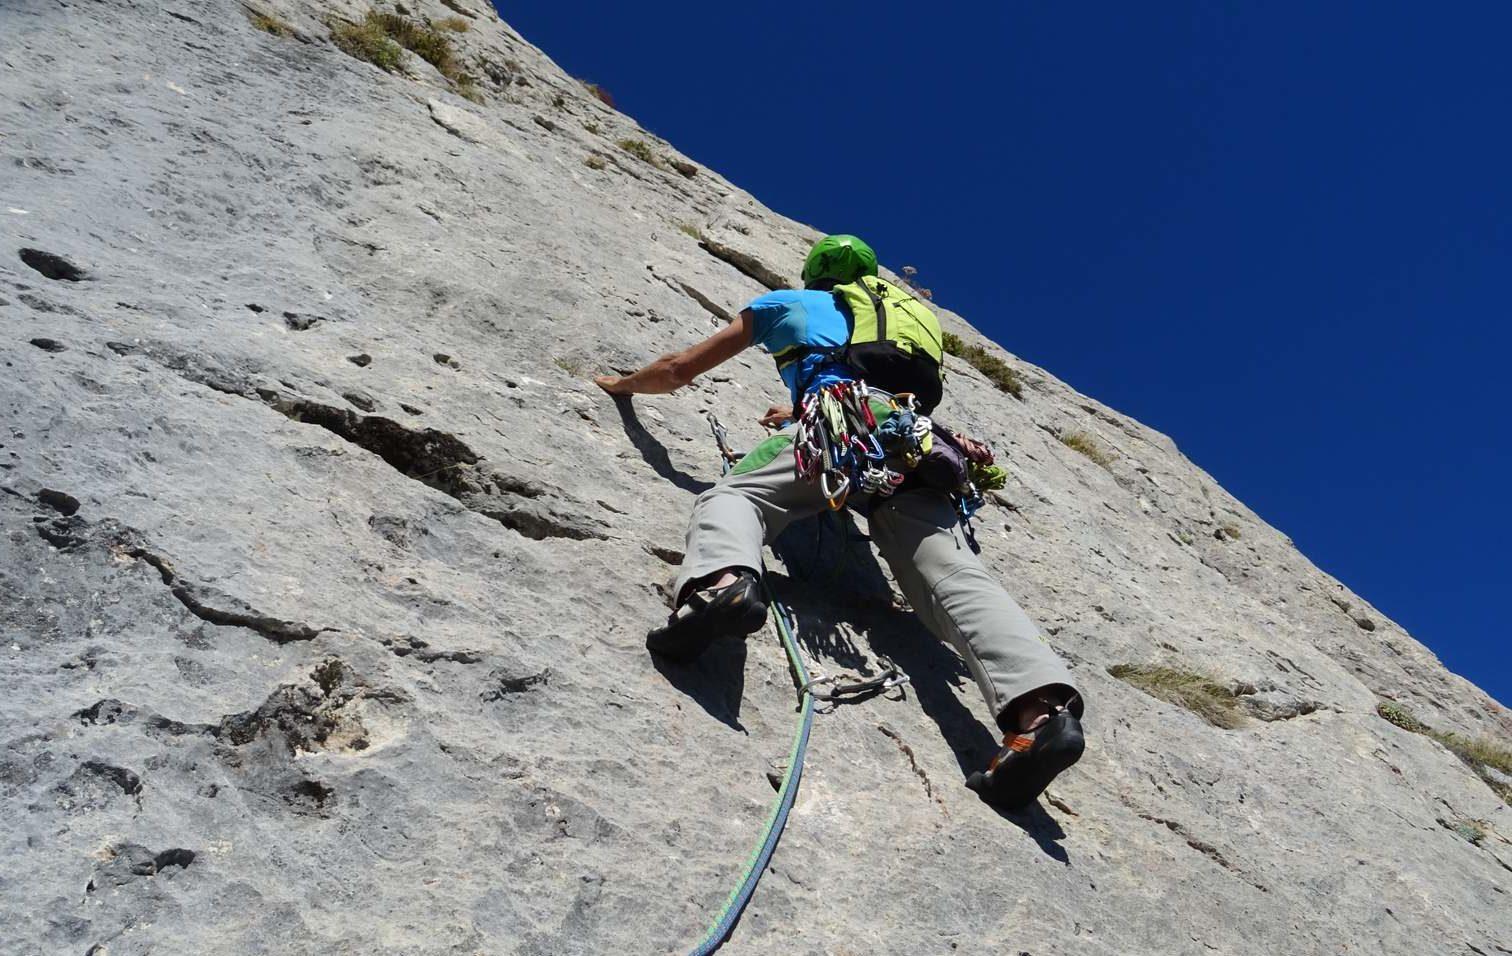 Climbing in Tarragona region